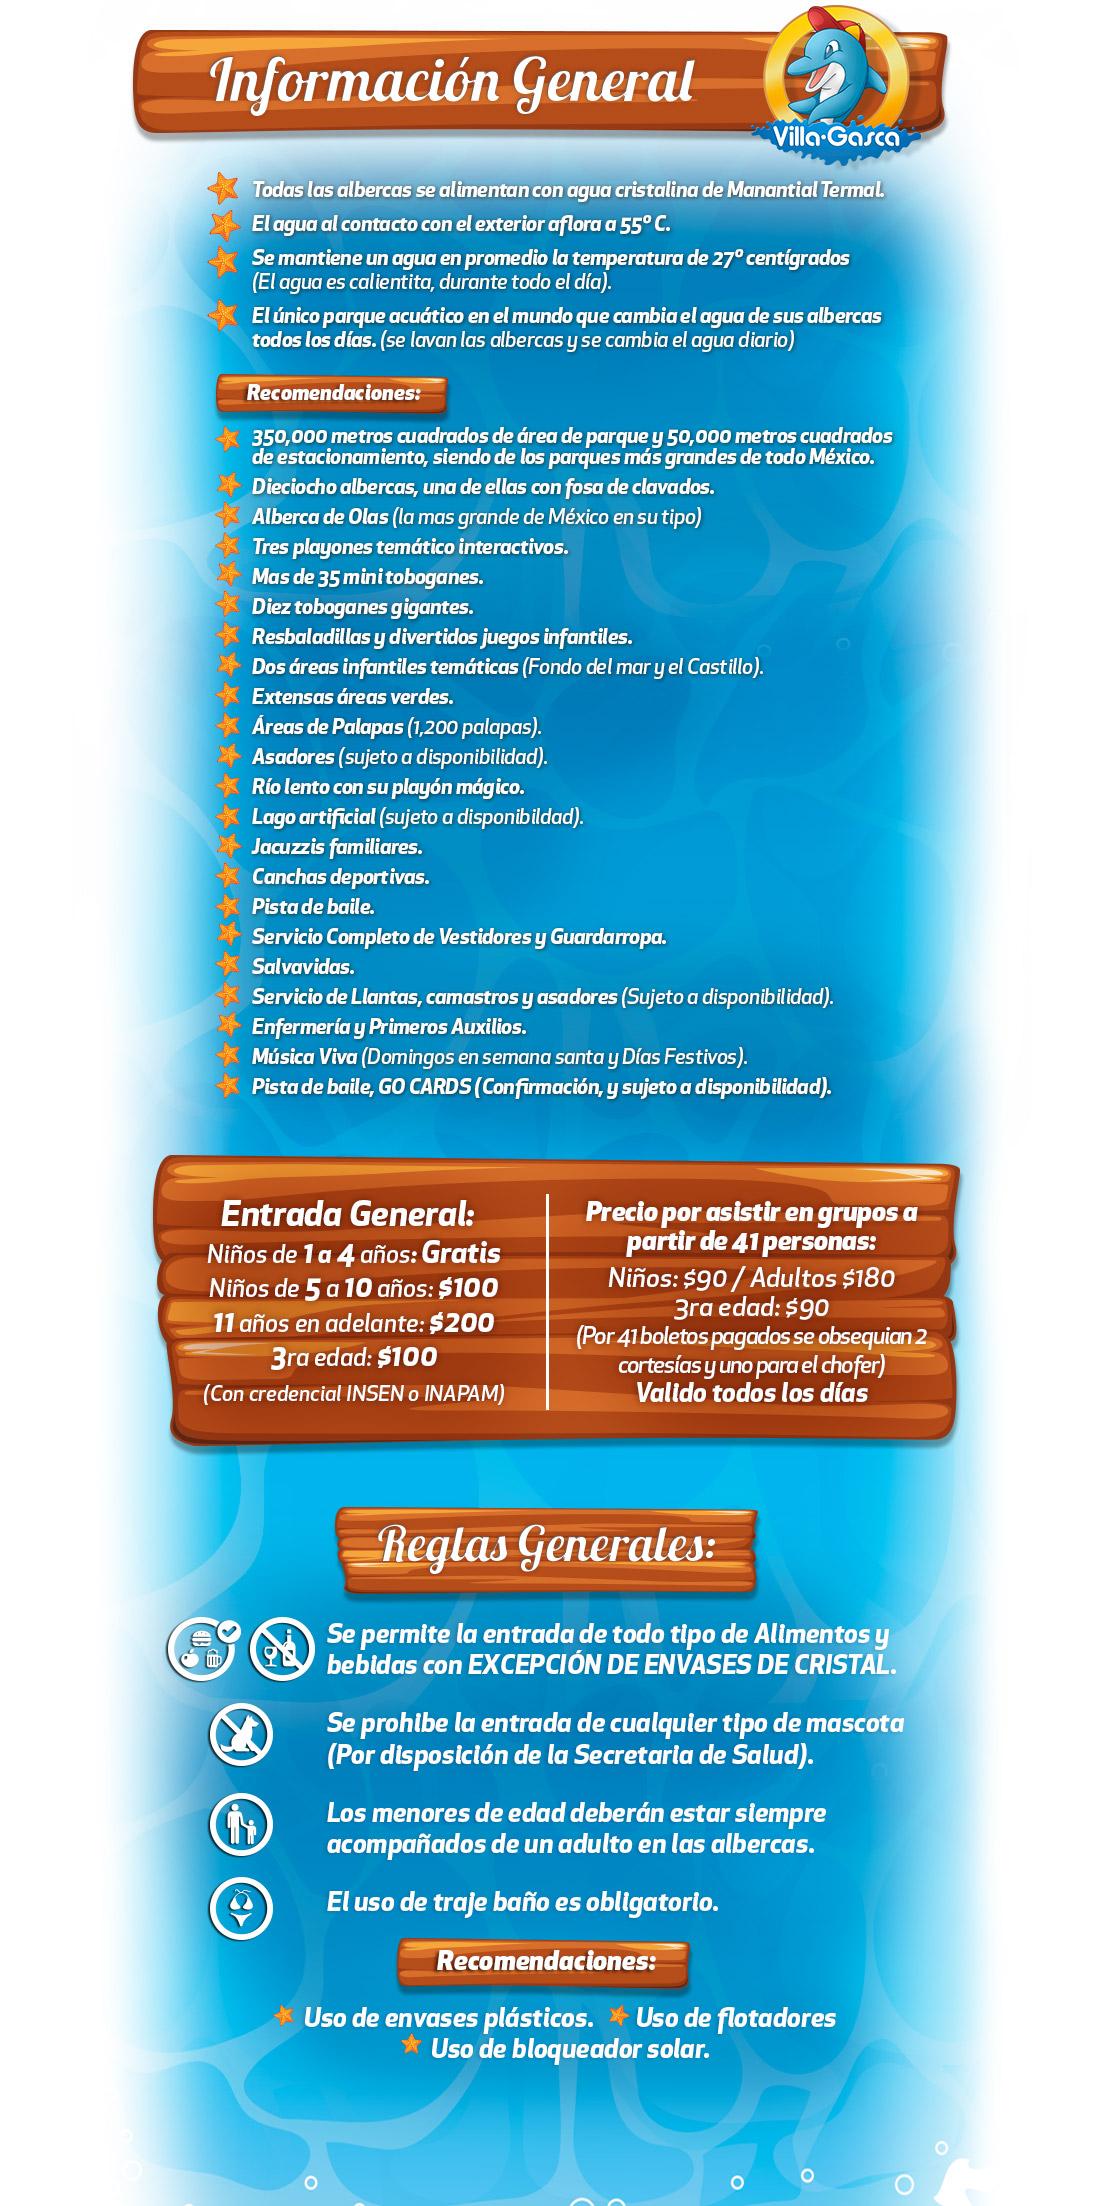 Información General Accesos al Parque Villagasca